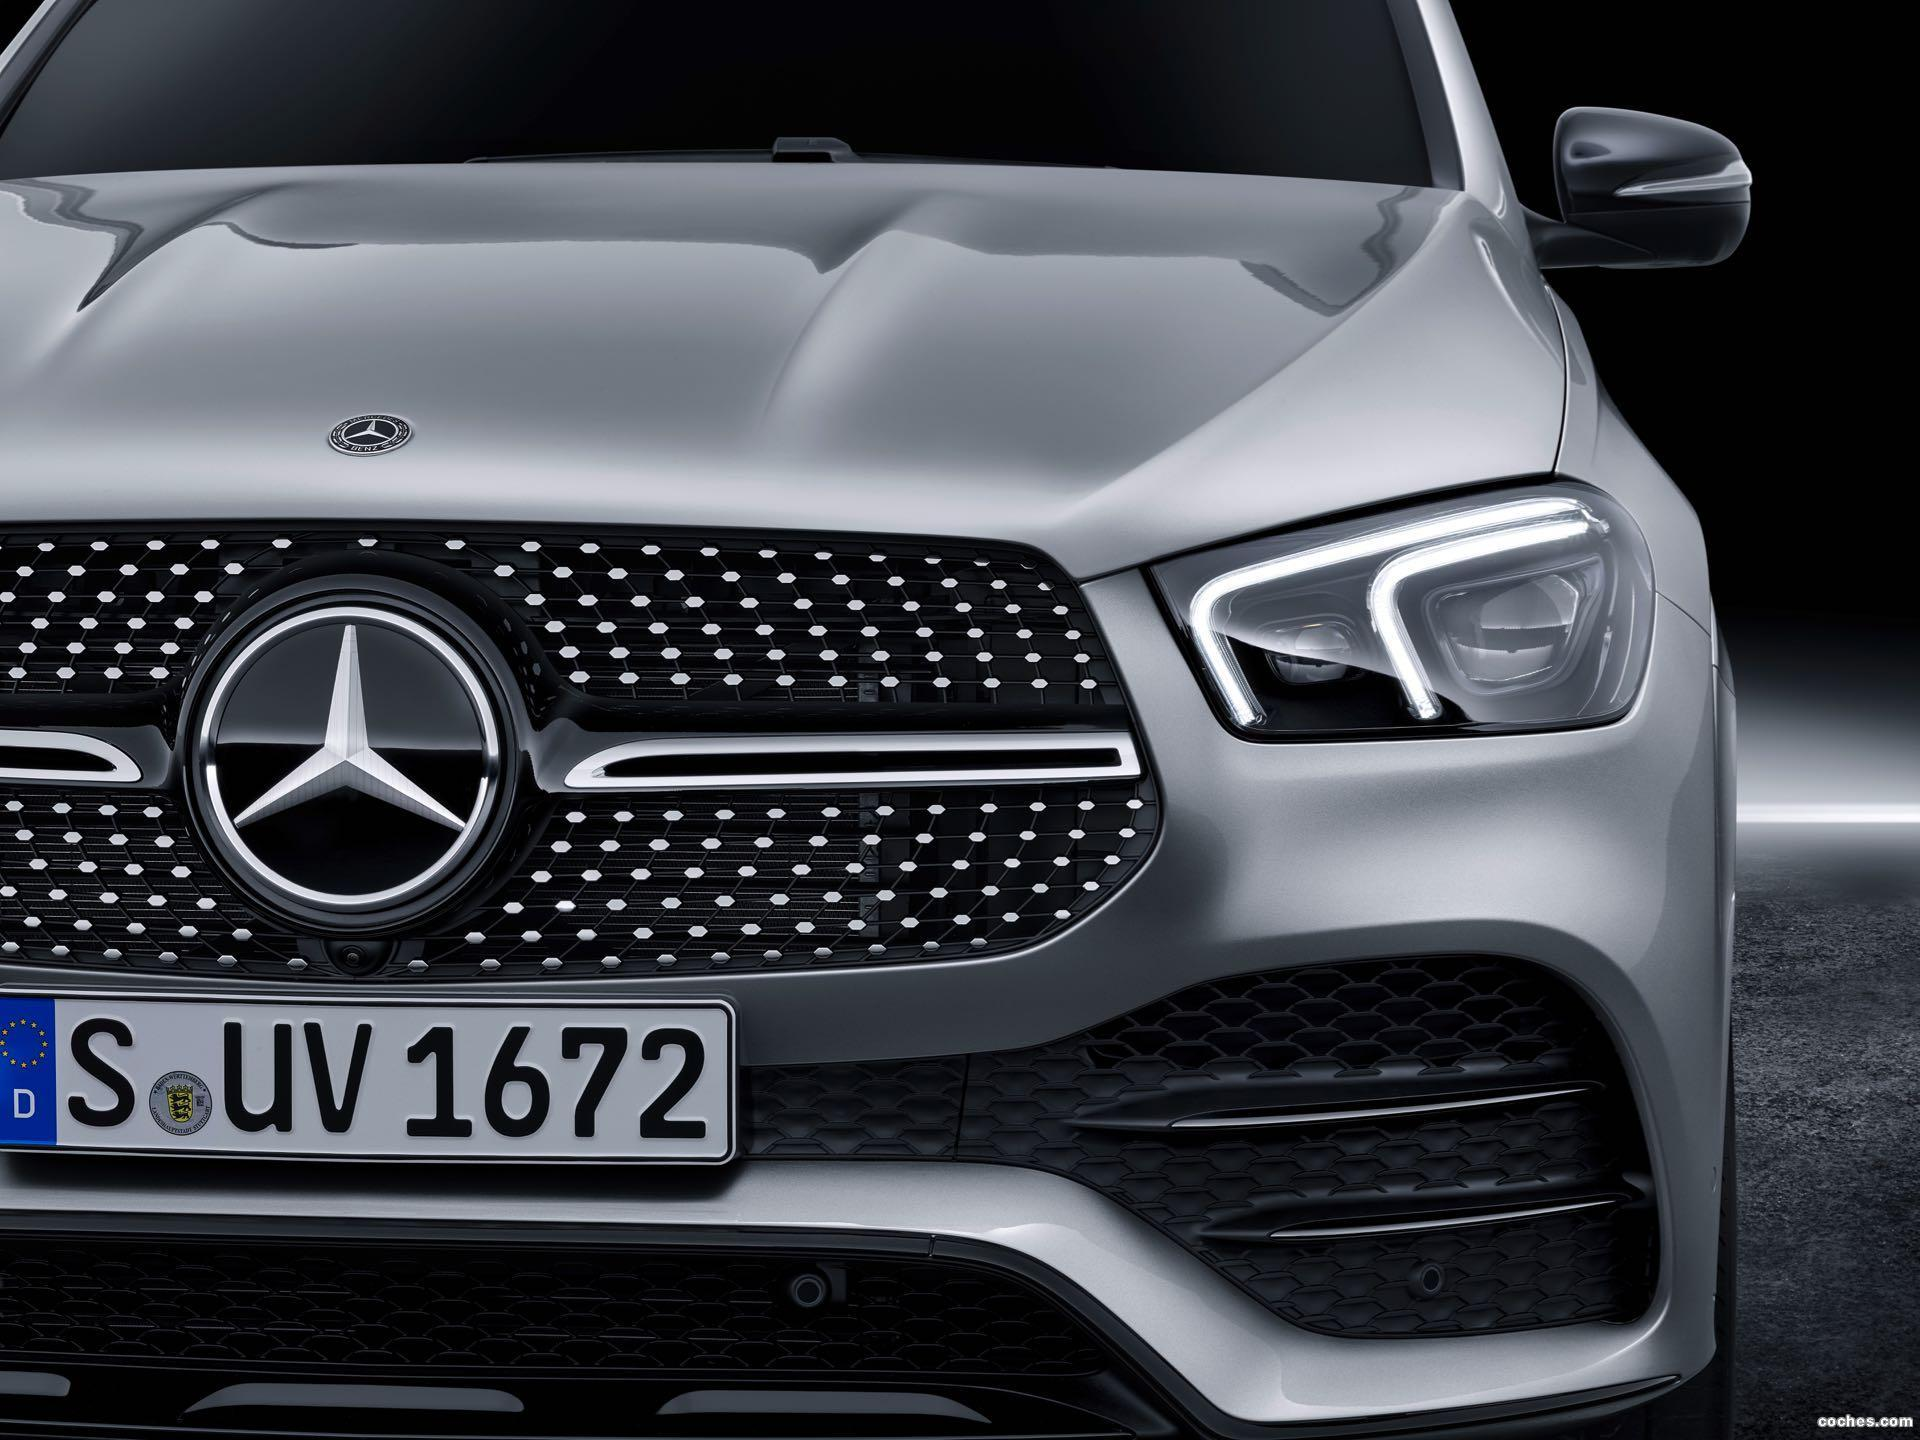 Foto 9 de Mercedes Clase GLE 450 4MATIC 2019